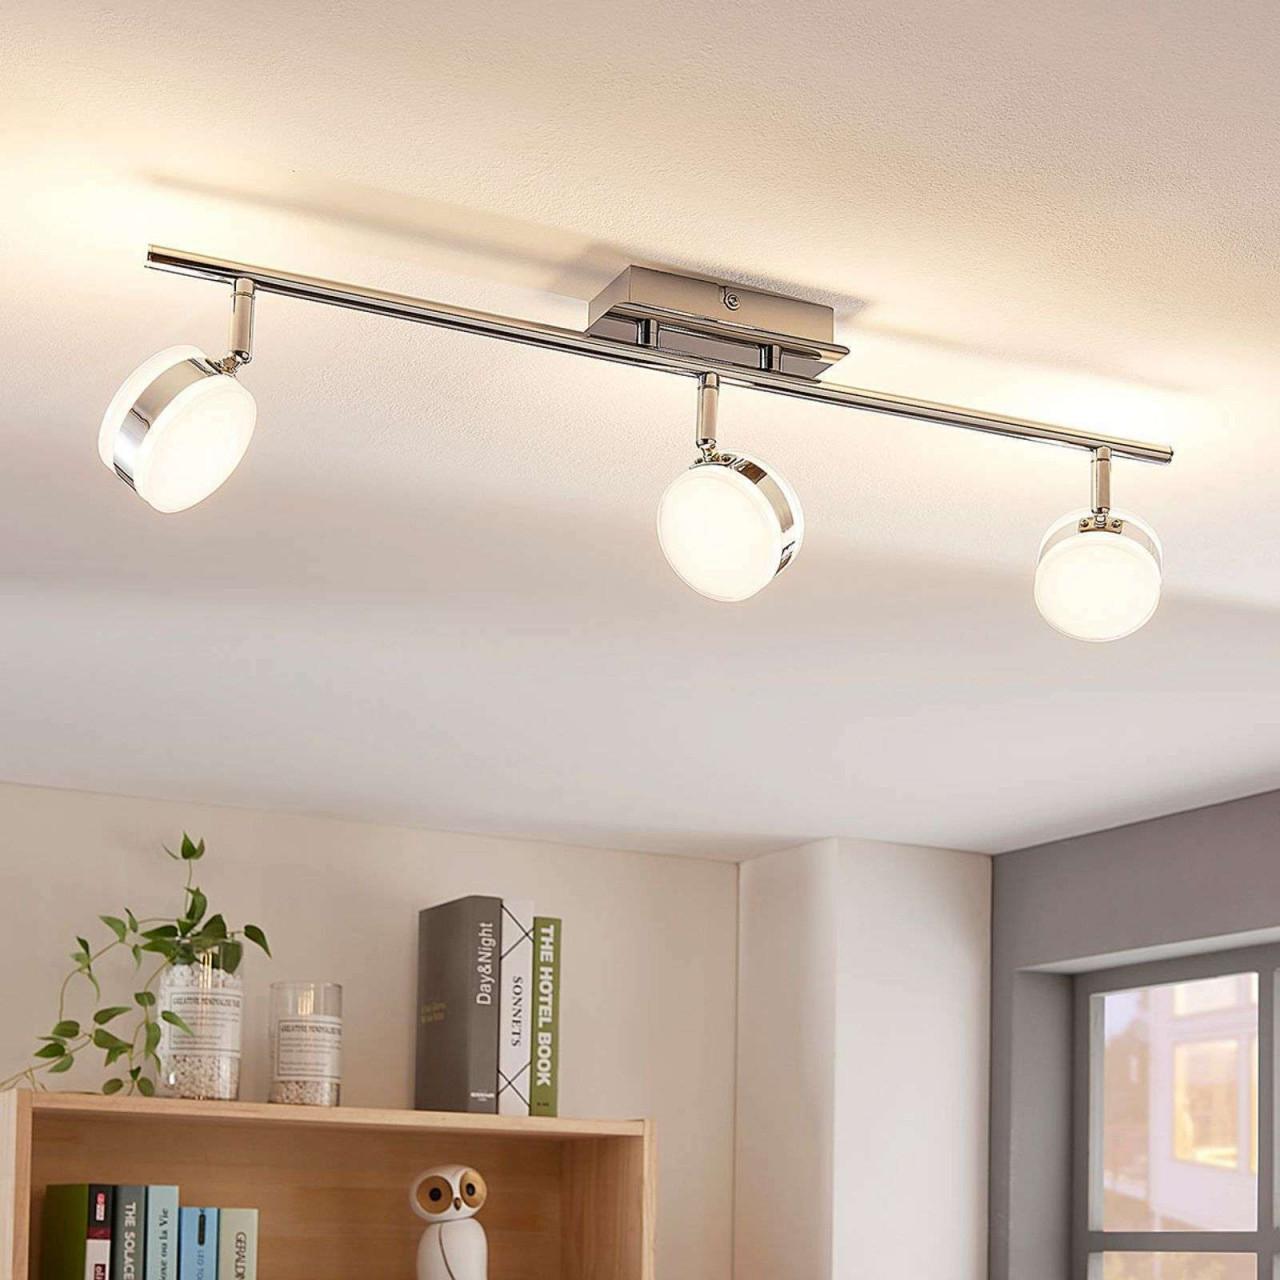 Innenbeleuchtung Küche Haushalt  Wohnen Strahler Modern von Led Deckenlampe Wohnzimmer Bild